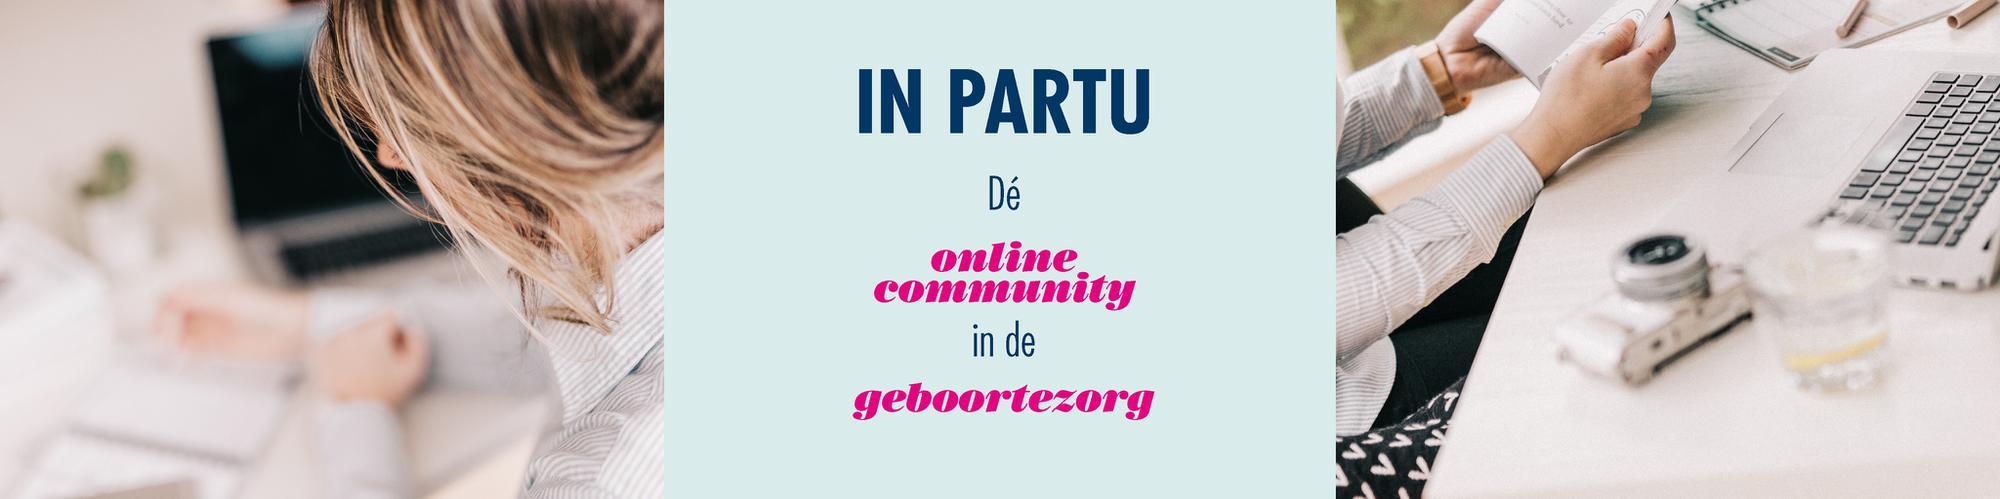 in_partu_.jpg